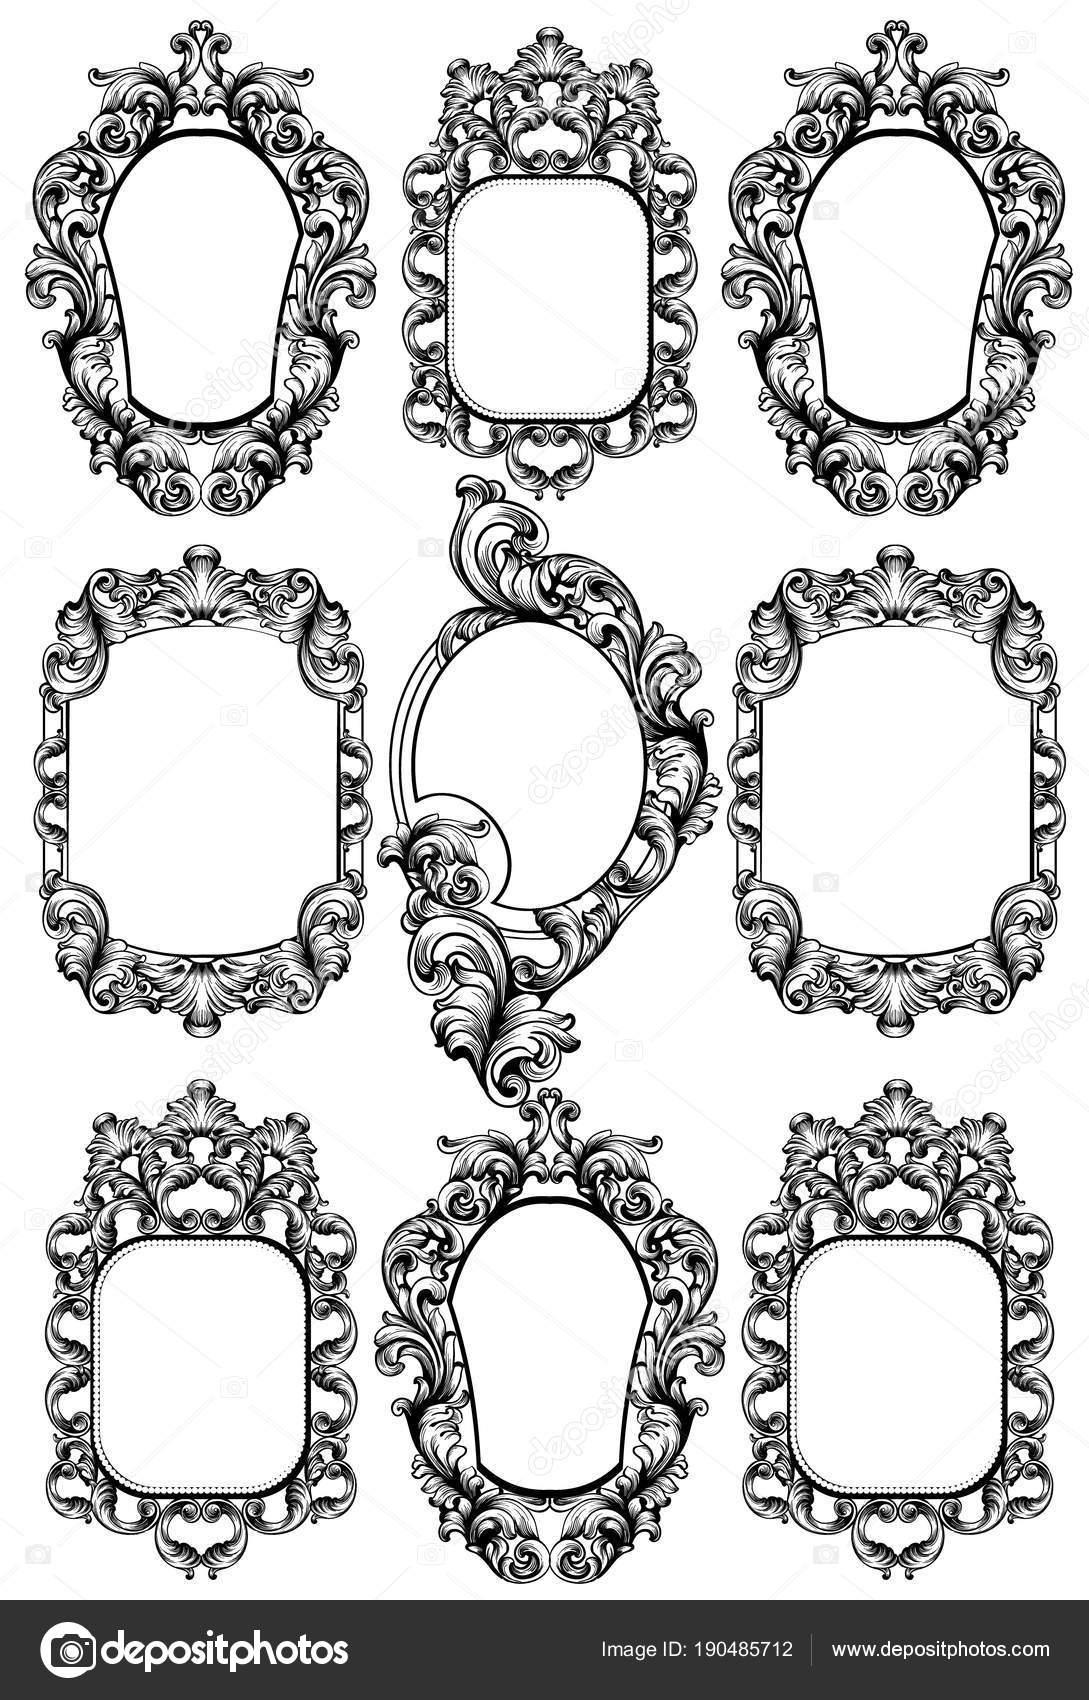 Specchiera barocca elementi di disegno vettoriale for Specchiera barocca